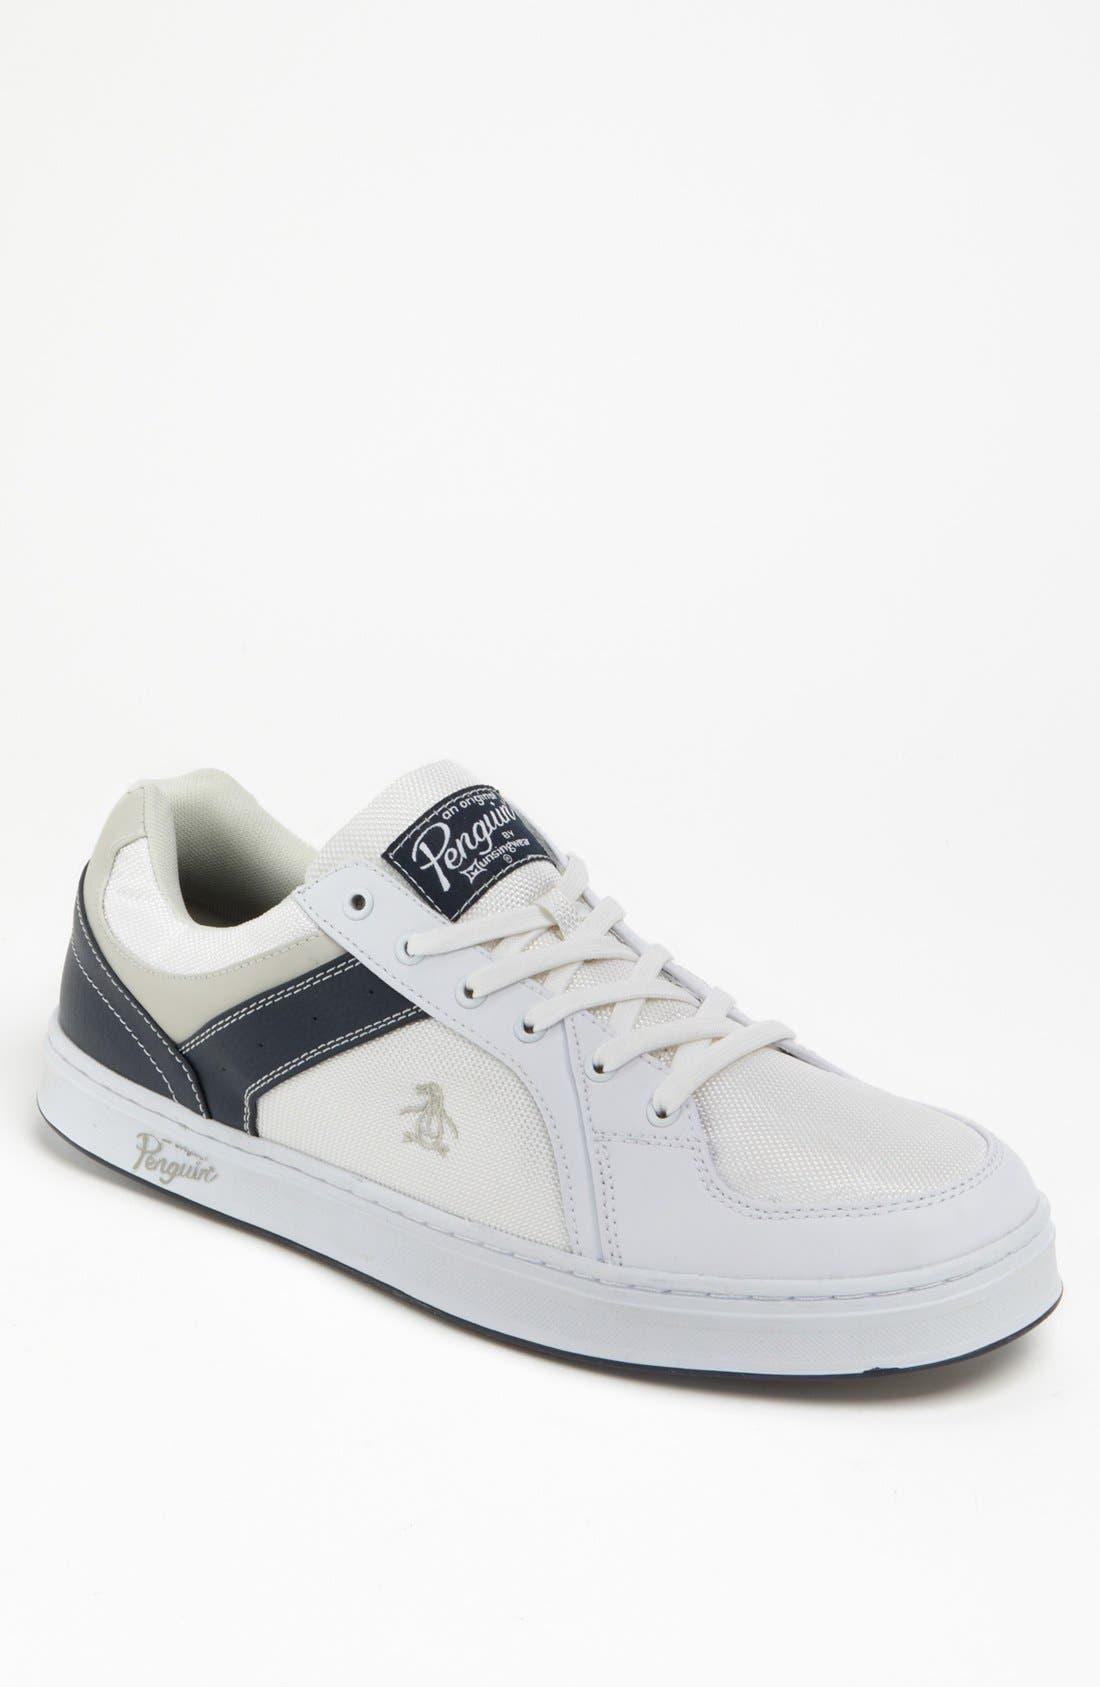 Main Image - Original Penguin 'Front' Sneaker